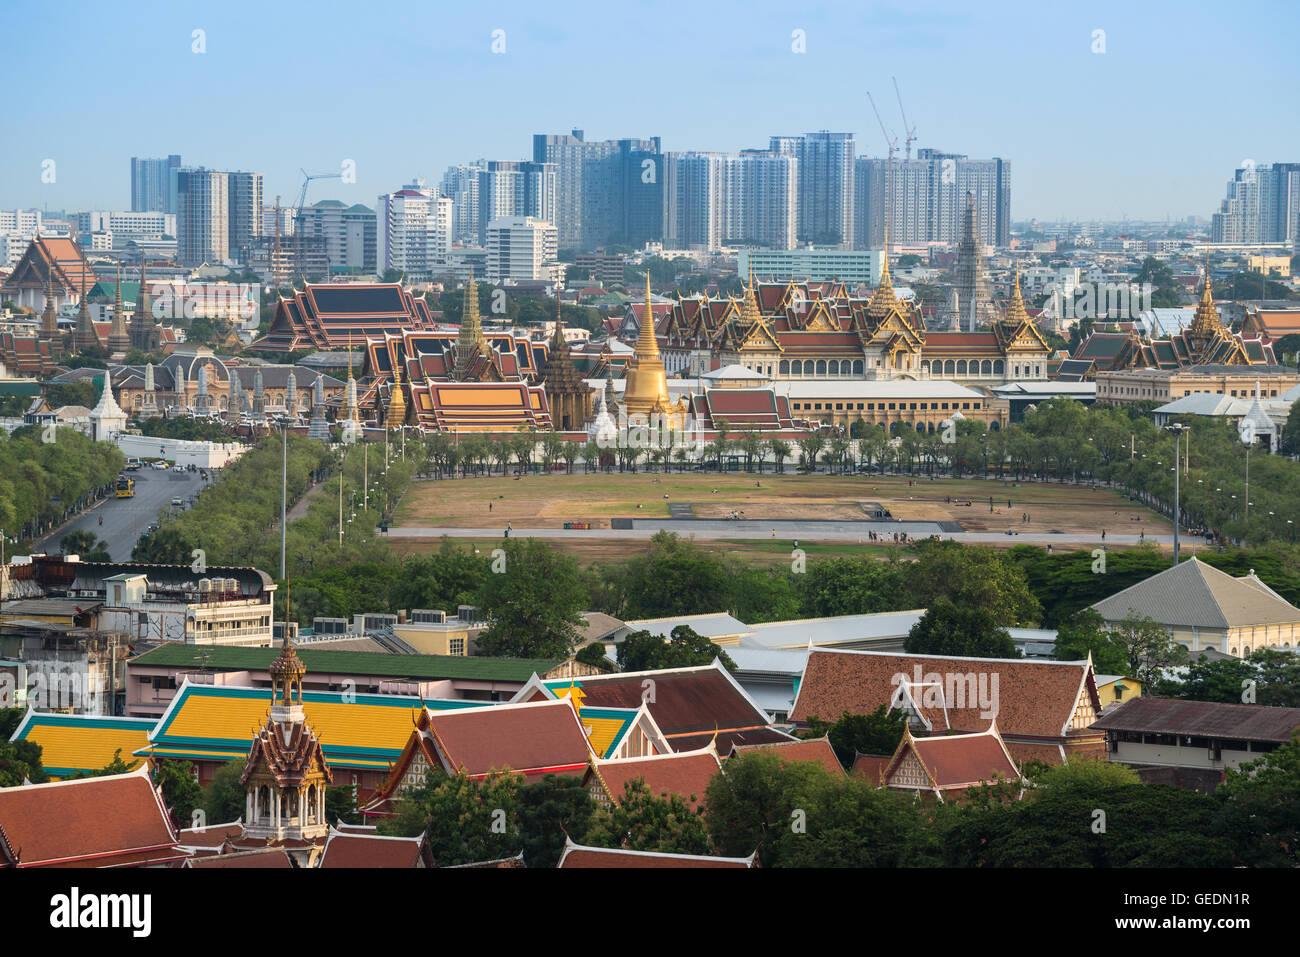 Die Skyline Bangkoks und Stadtbild von Bangkok die Hauptstädte von Thailand. Stockbild